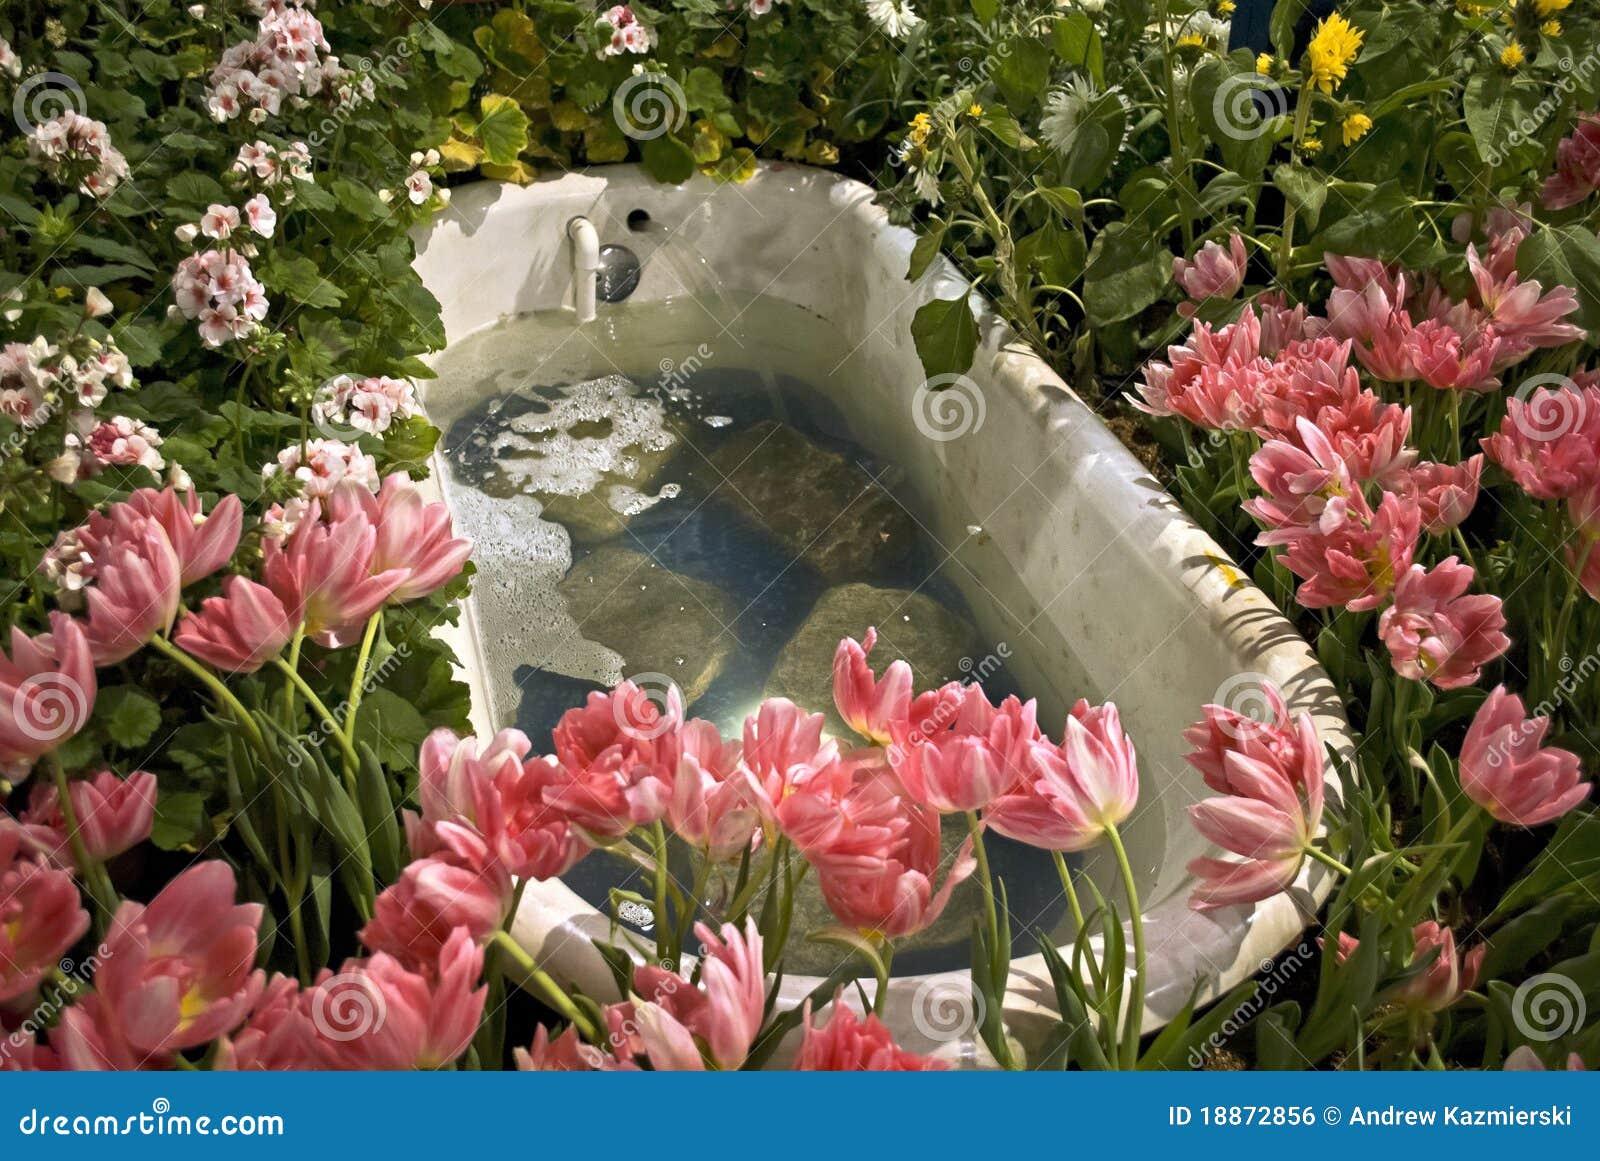 Bañera, demostración de flor de Philadelphia